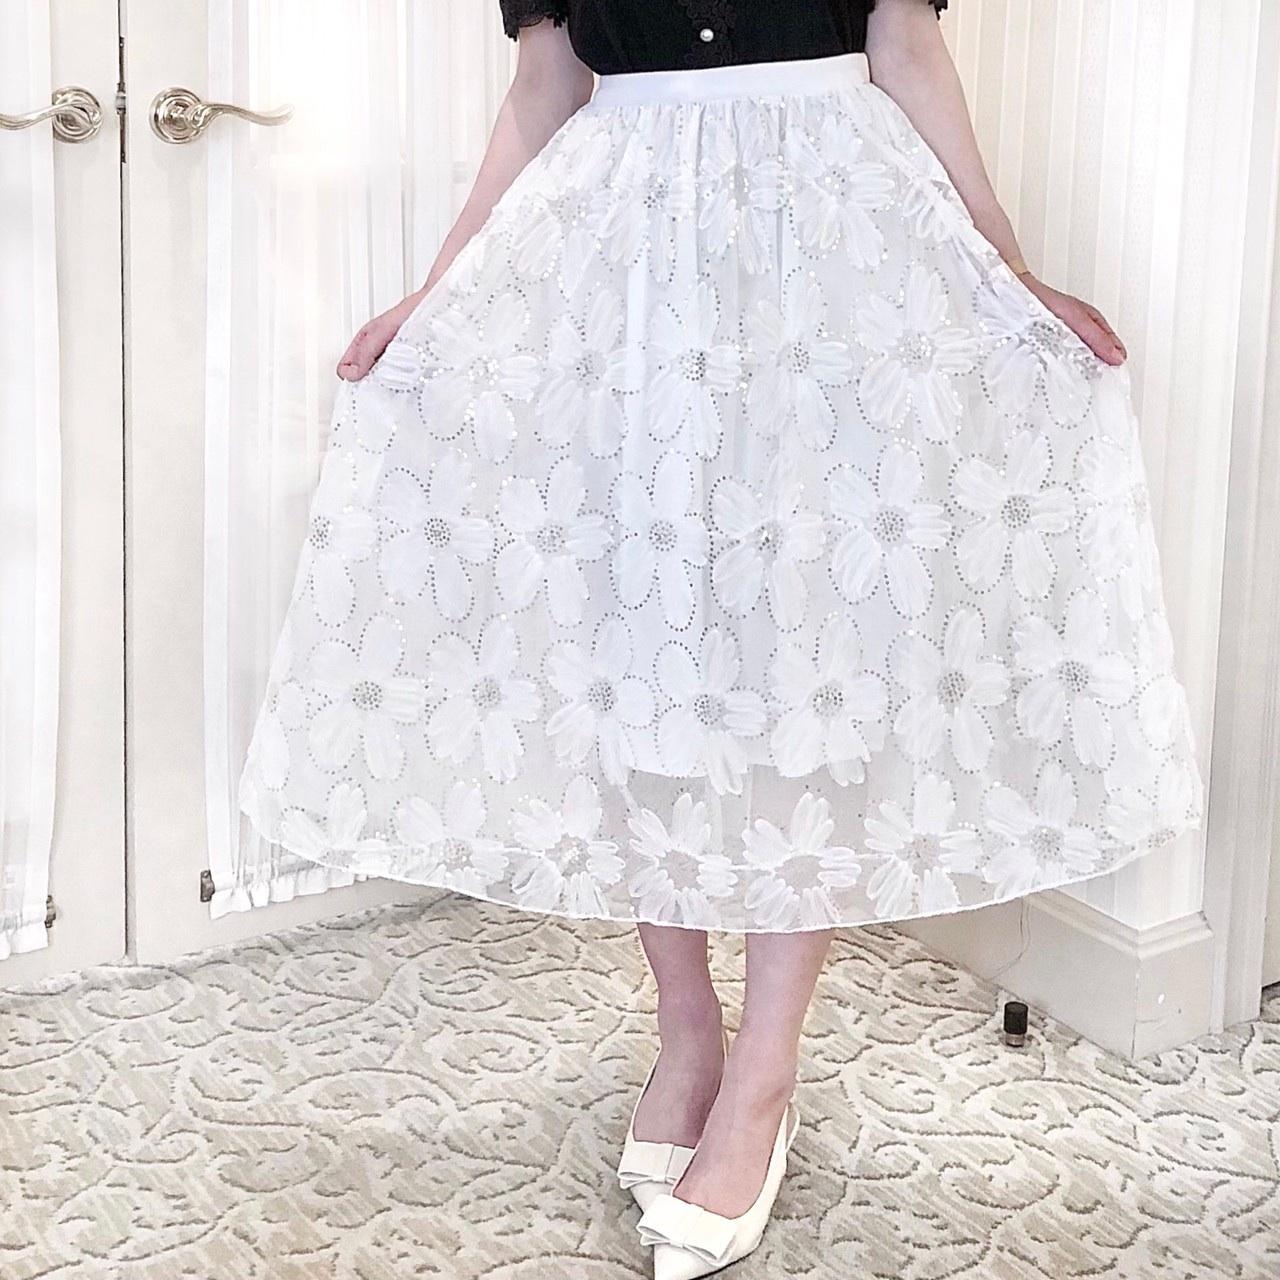 【Fluffy】エンボスフラワースカート